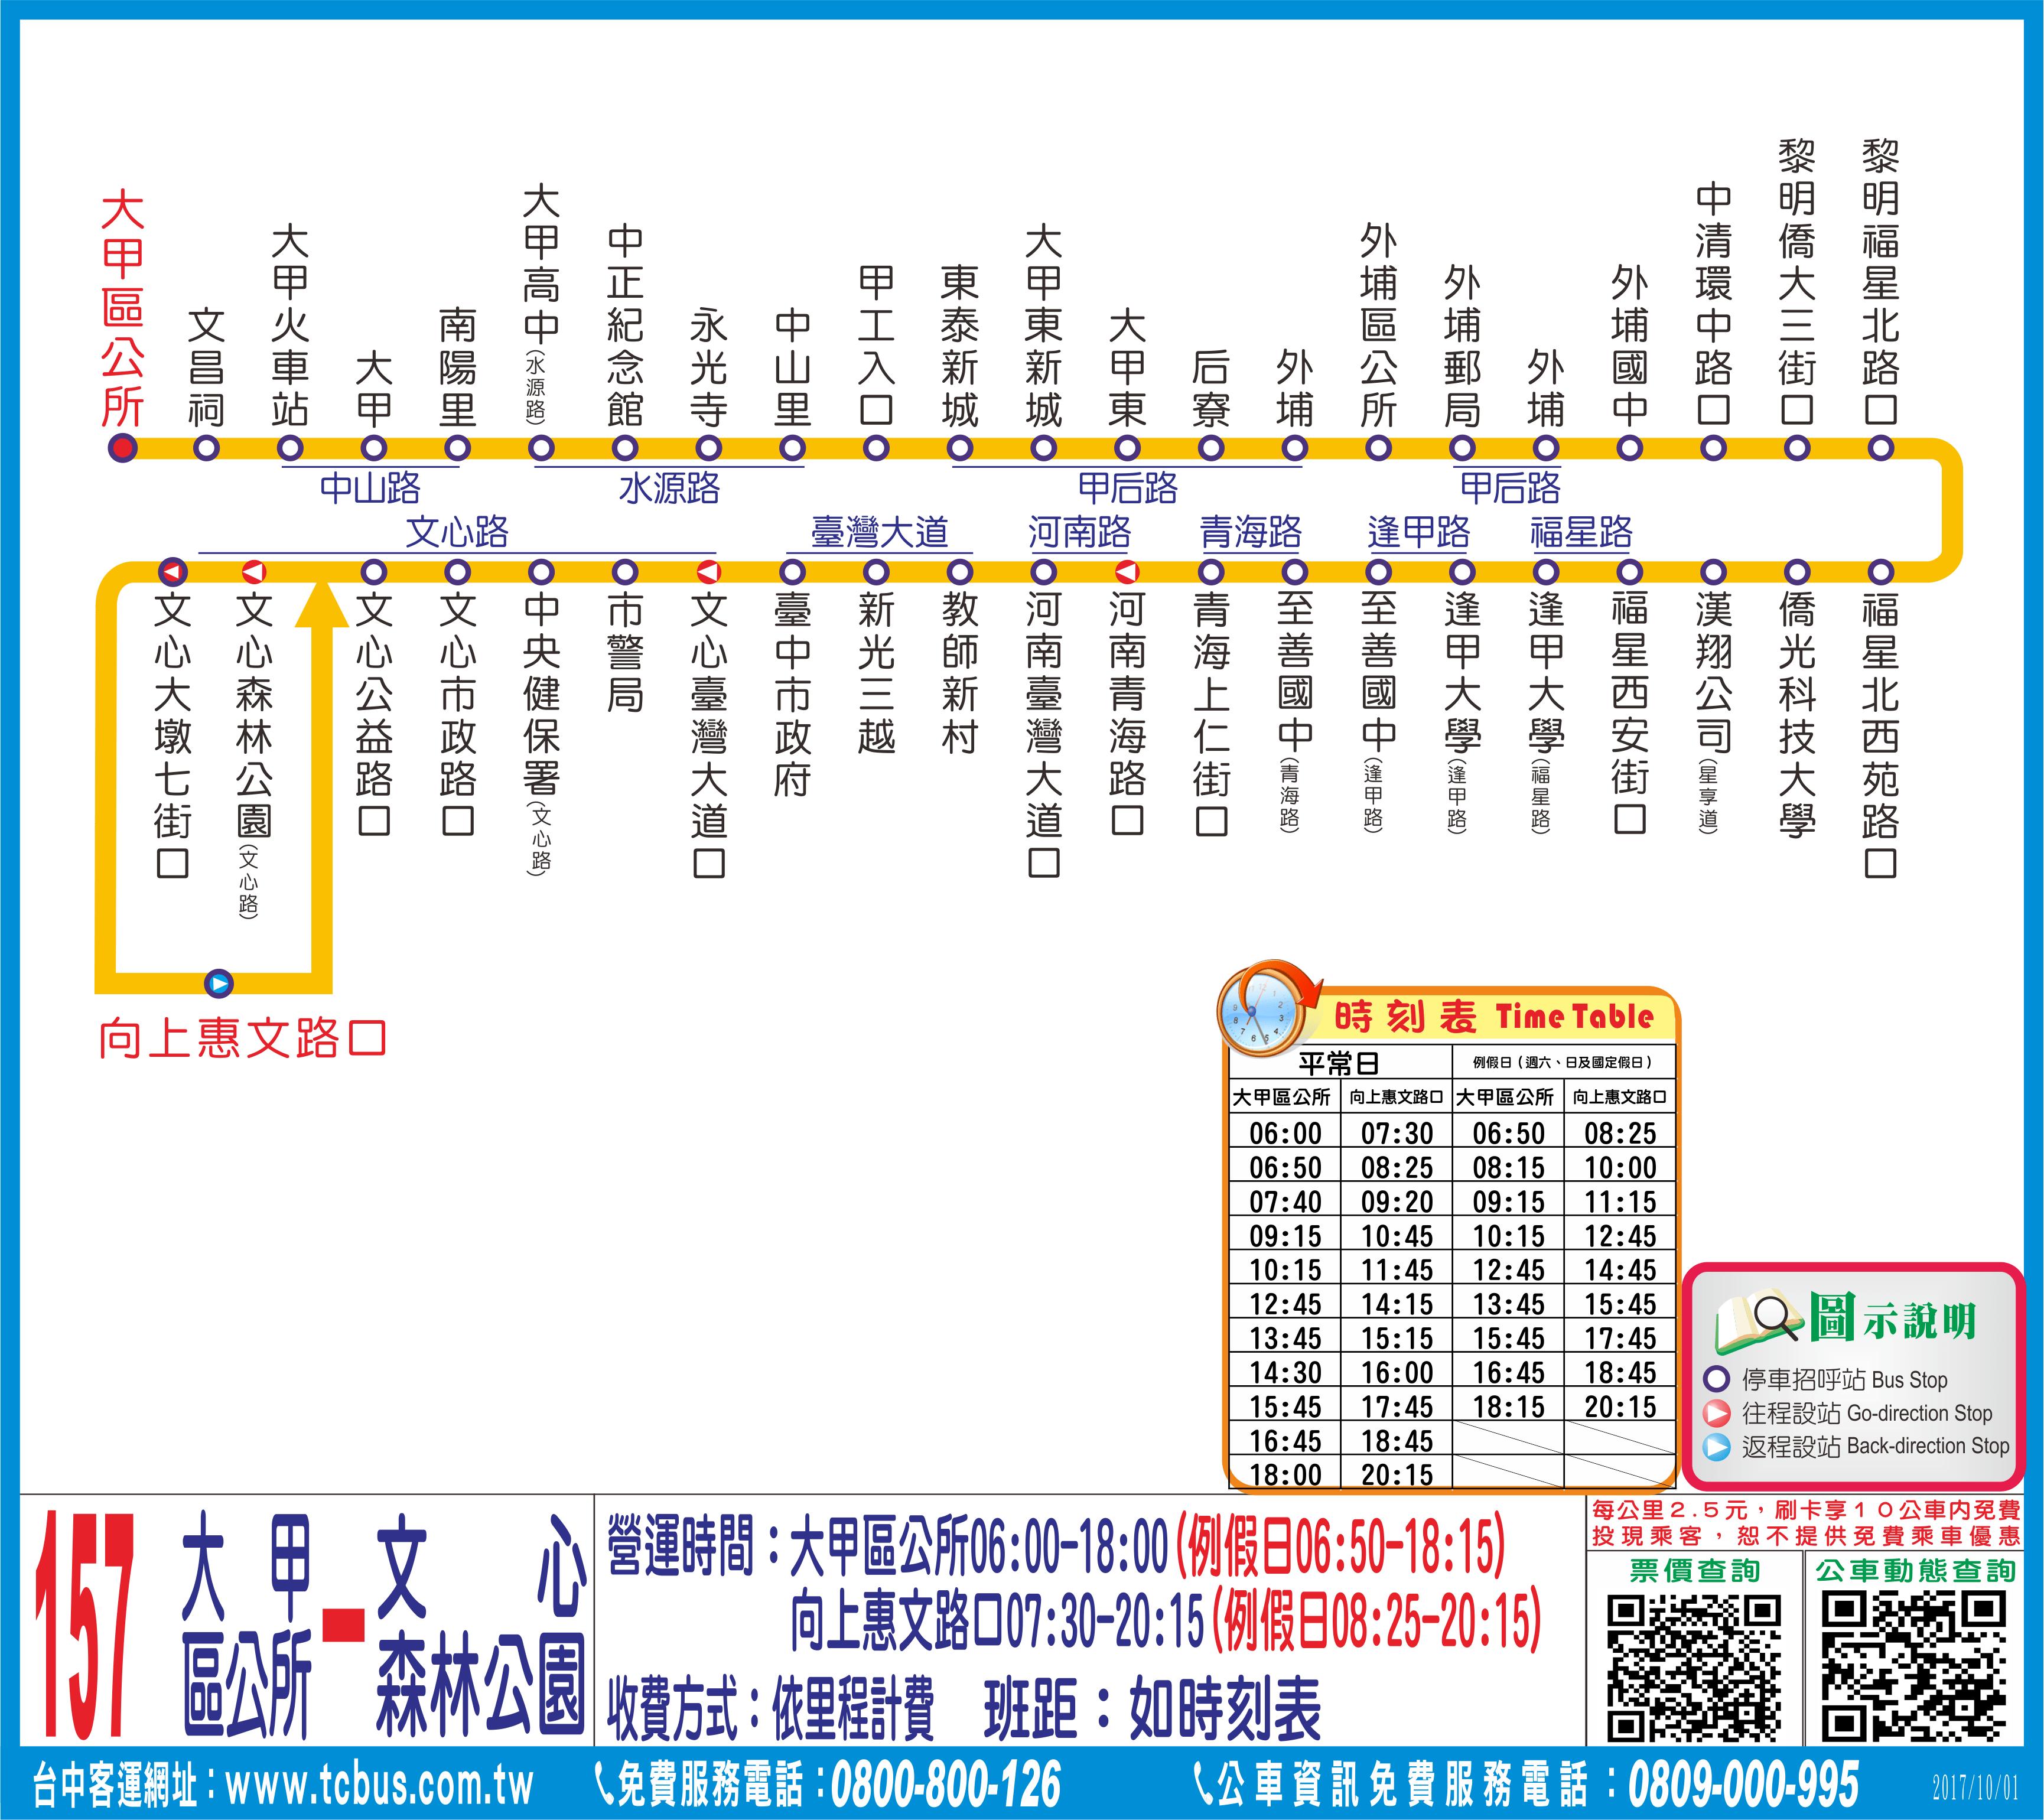 臺中市政府交通局-便民服務-線上查詢-市區公車路線圖